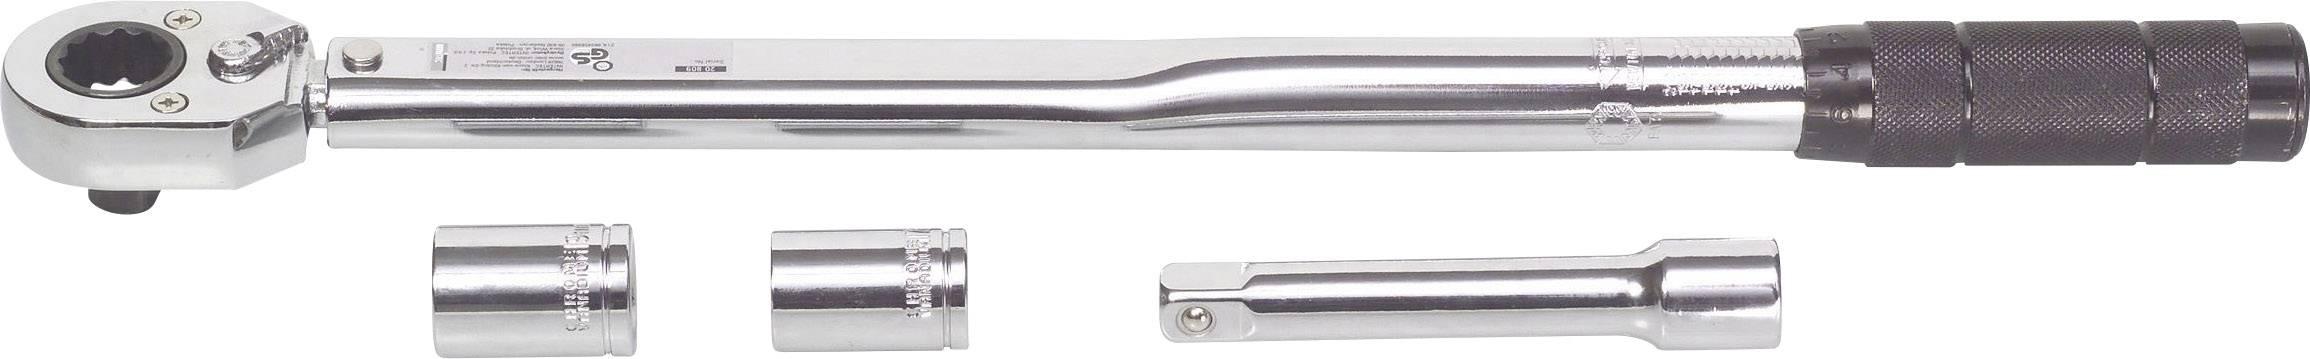 """Momentový klíč IWH 20809, 1/2"""" (12,5 mm), 28 - 210 Nm"""